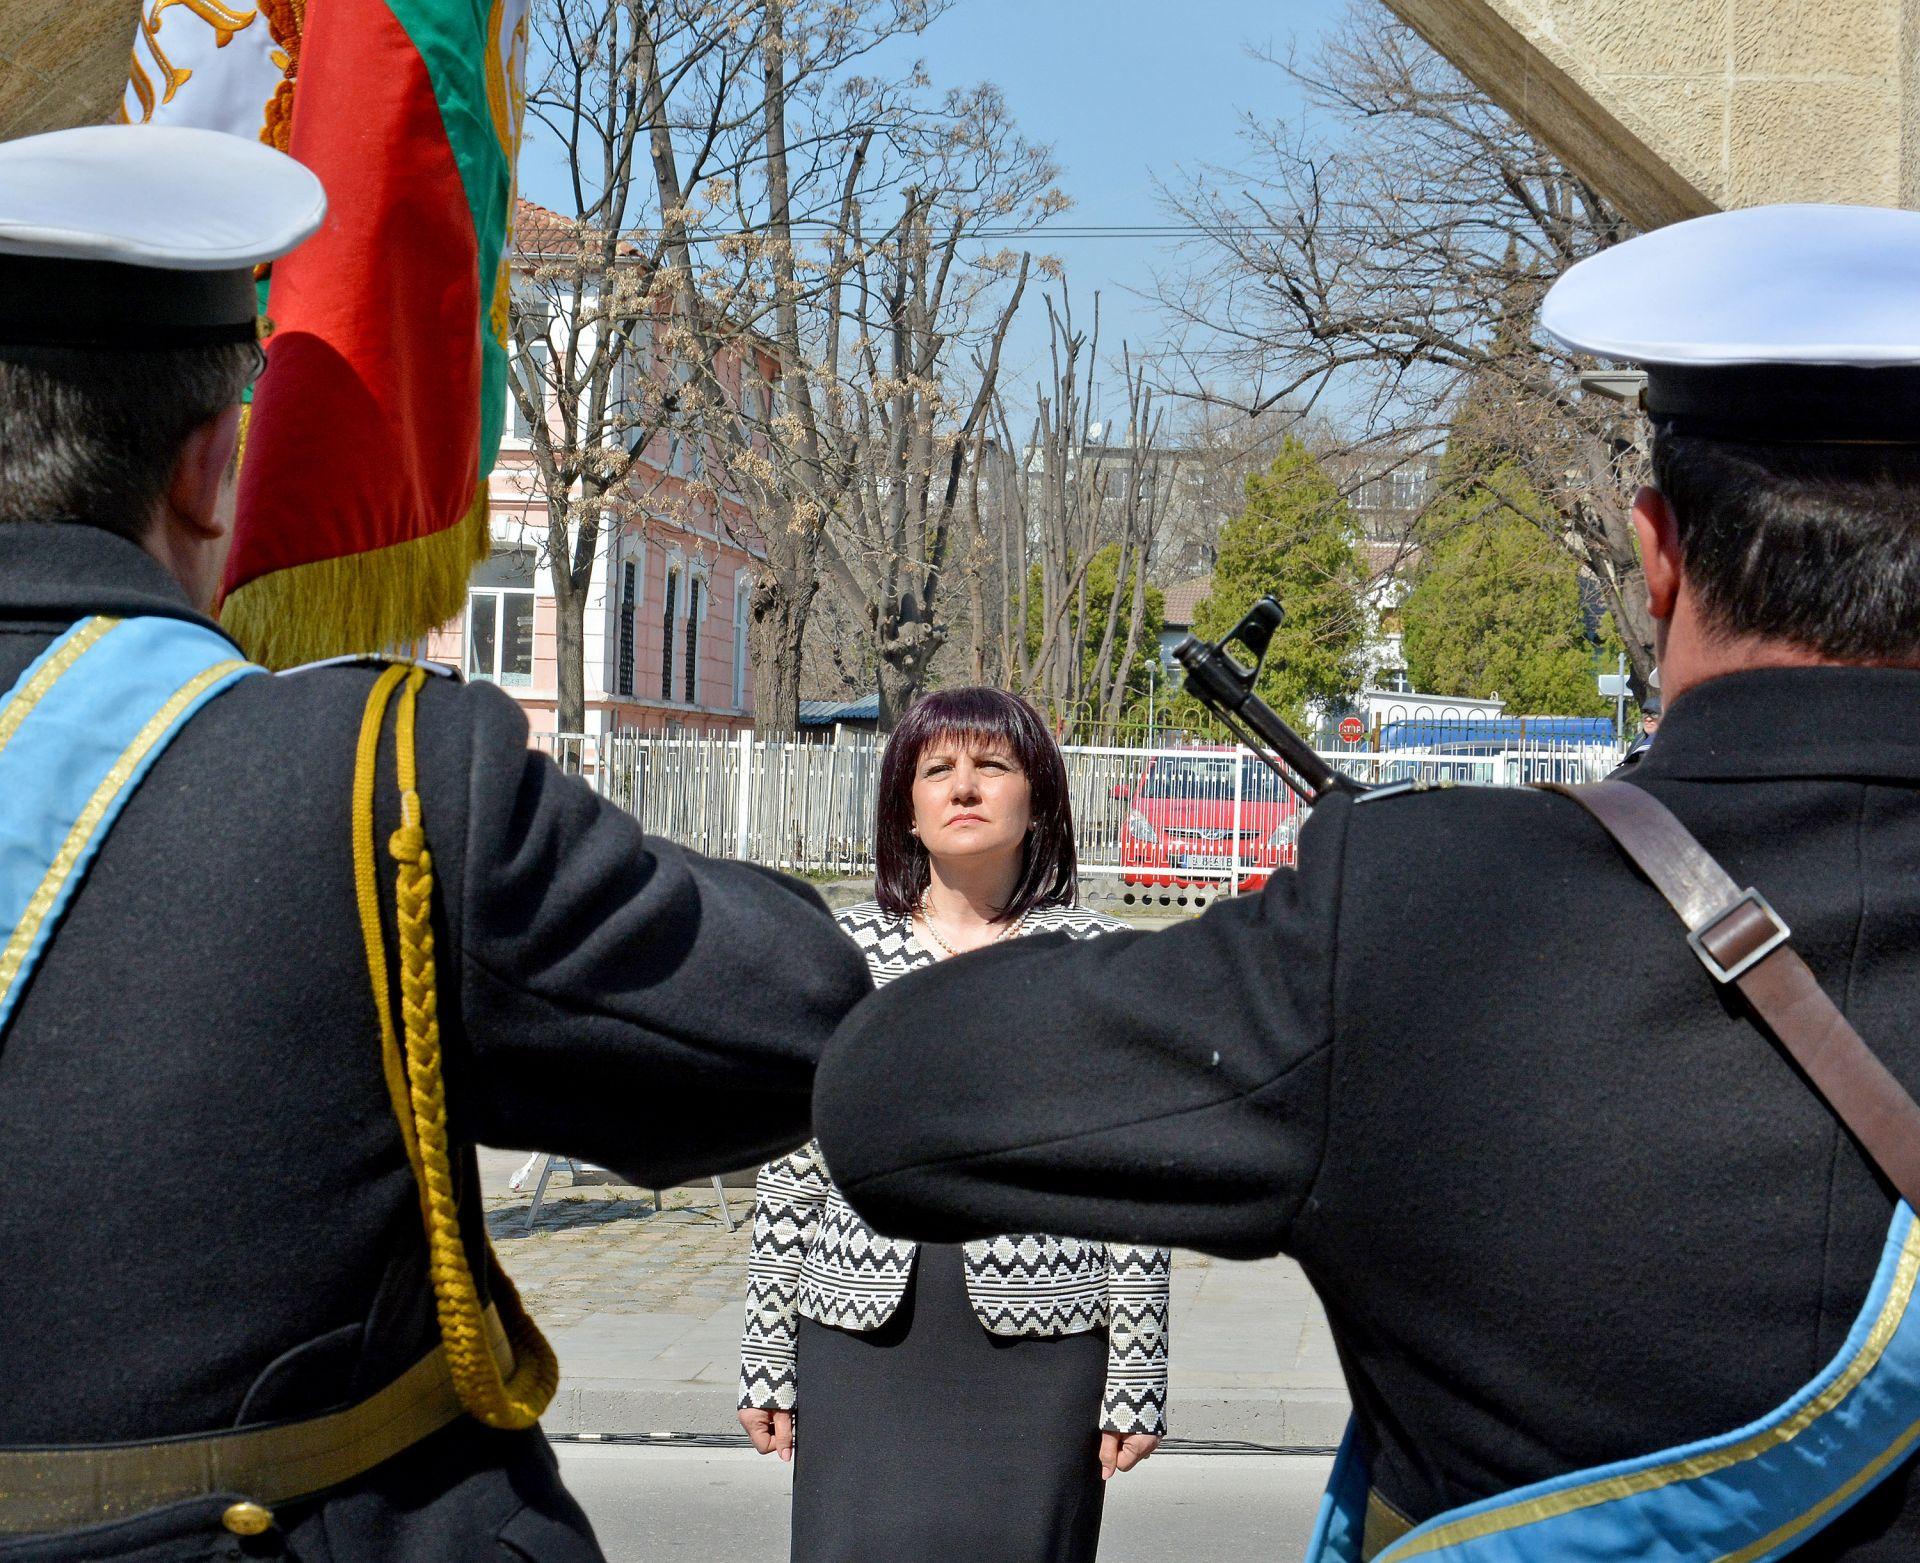 Председателят на Народното събрание Цвета Караянчева участва церемония по отбелязването на 106-ата годишнина от превземането на Одринската крепост и Деня на Тракия във Варна